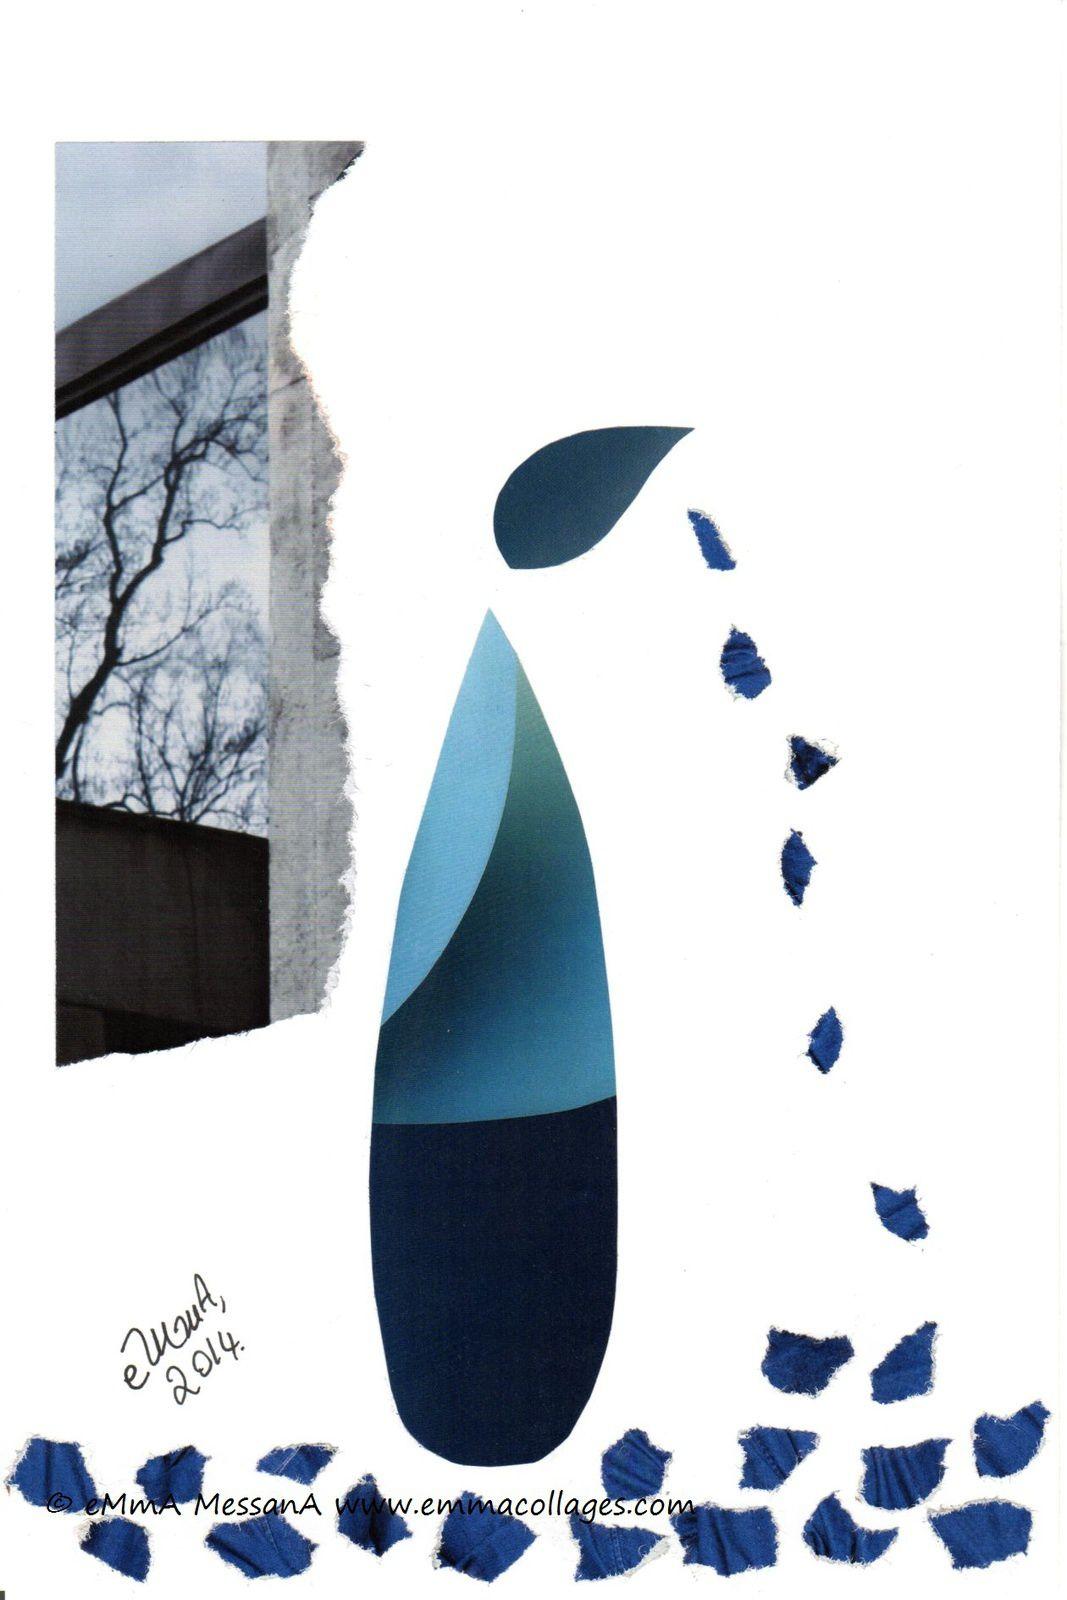 """Les Collages d' eMmA MessanA, collage """"Il y a des jours"""", pièce unique"""